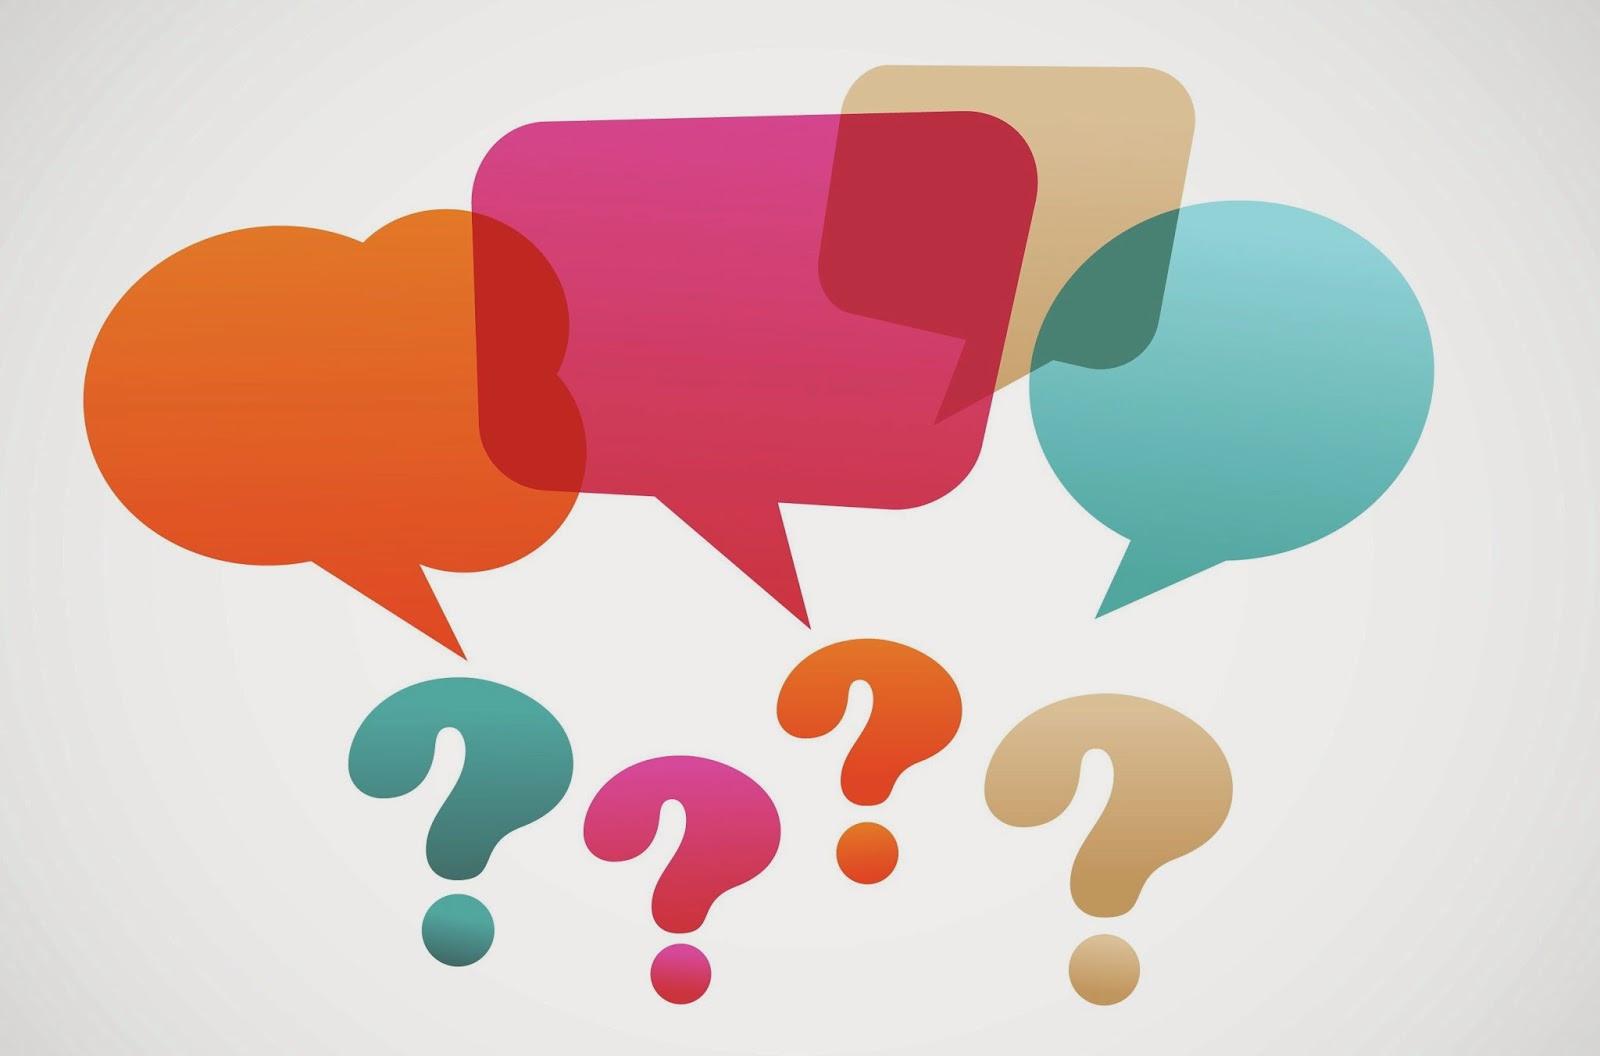 Soalan Percubaan UPSR 2014 (Sains)